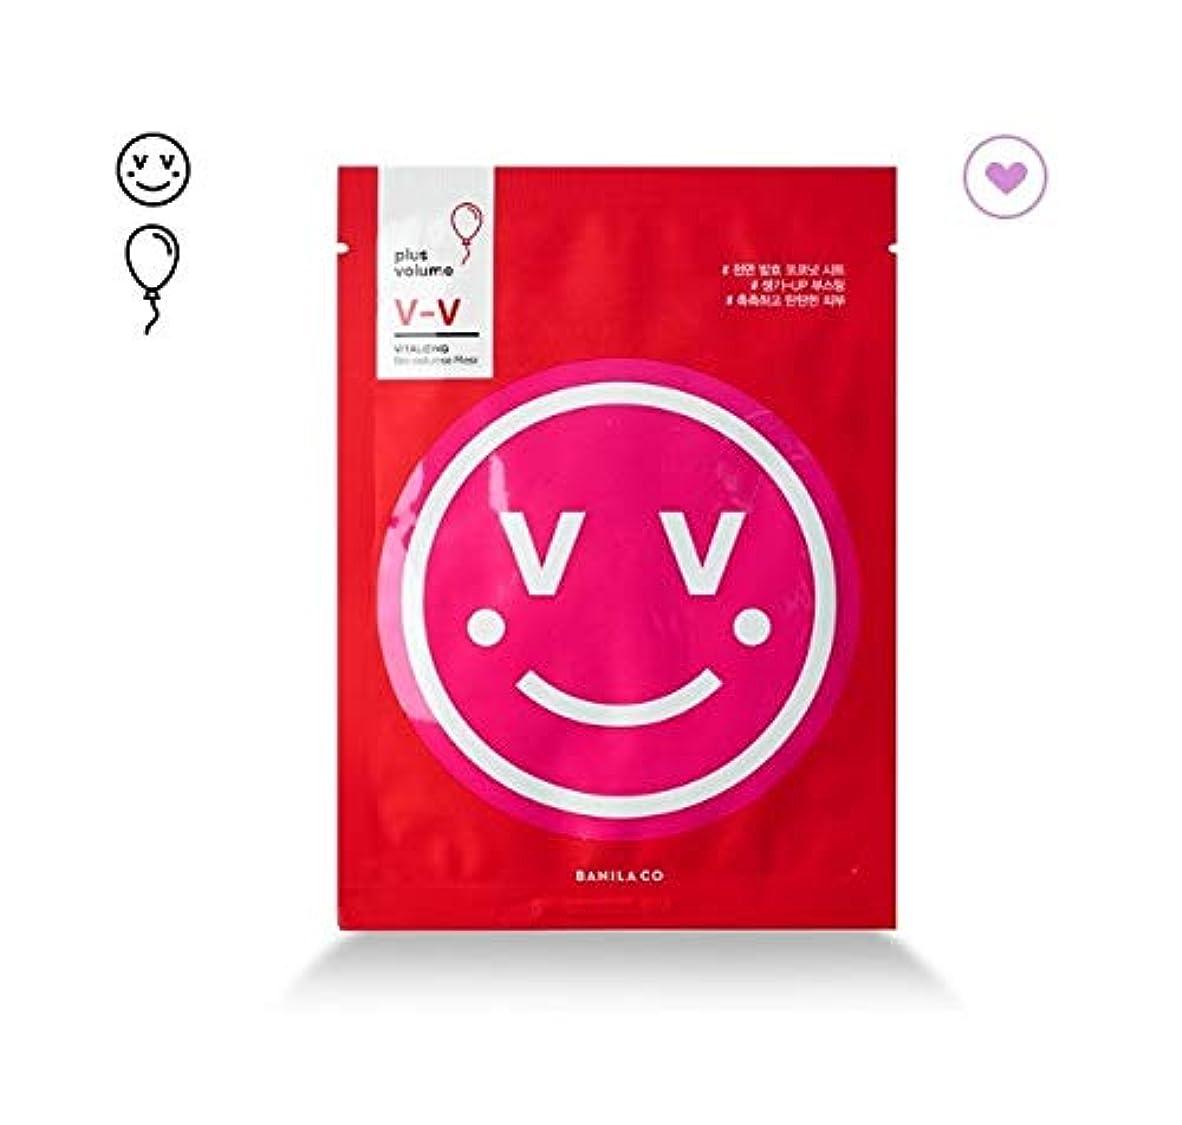 約束するバス反発banilaco V-V Vitalizing Bioセルロースマスク/V-V Vitalizing Bio Cellulose Mask 25ml [並行輸入品]